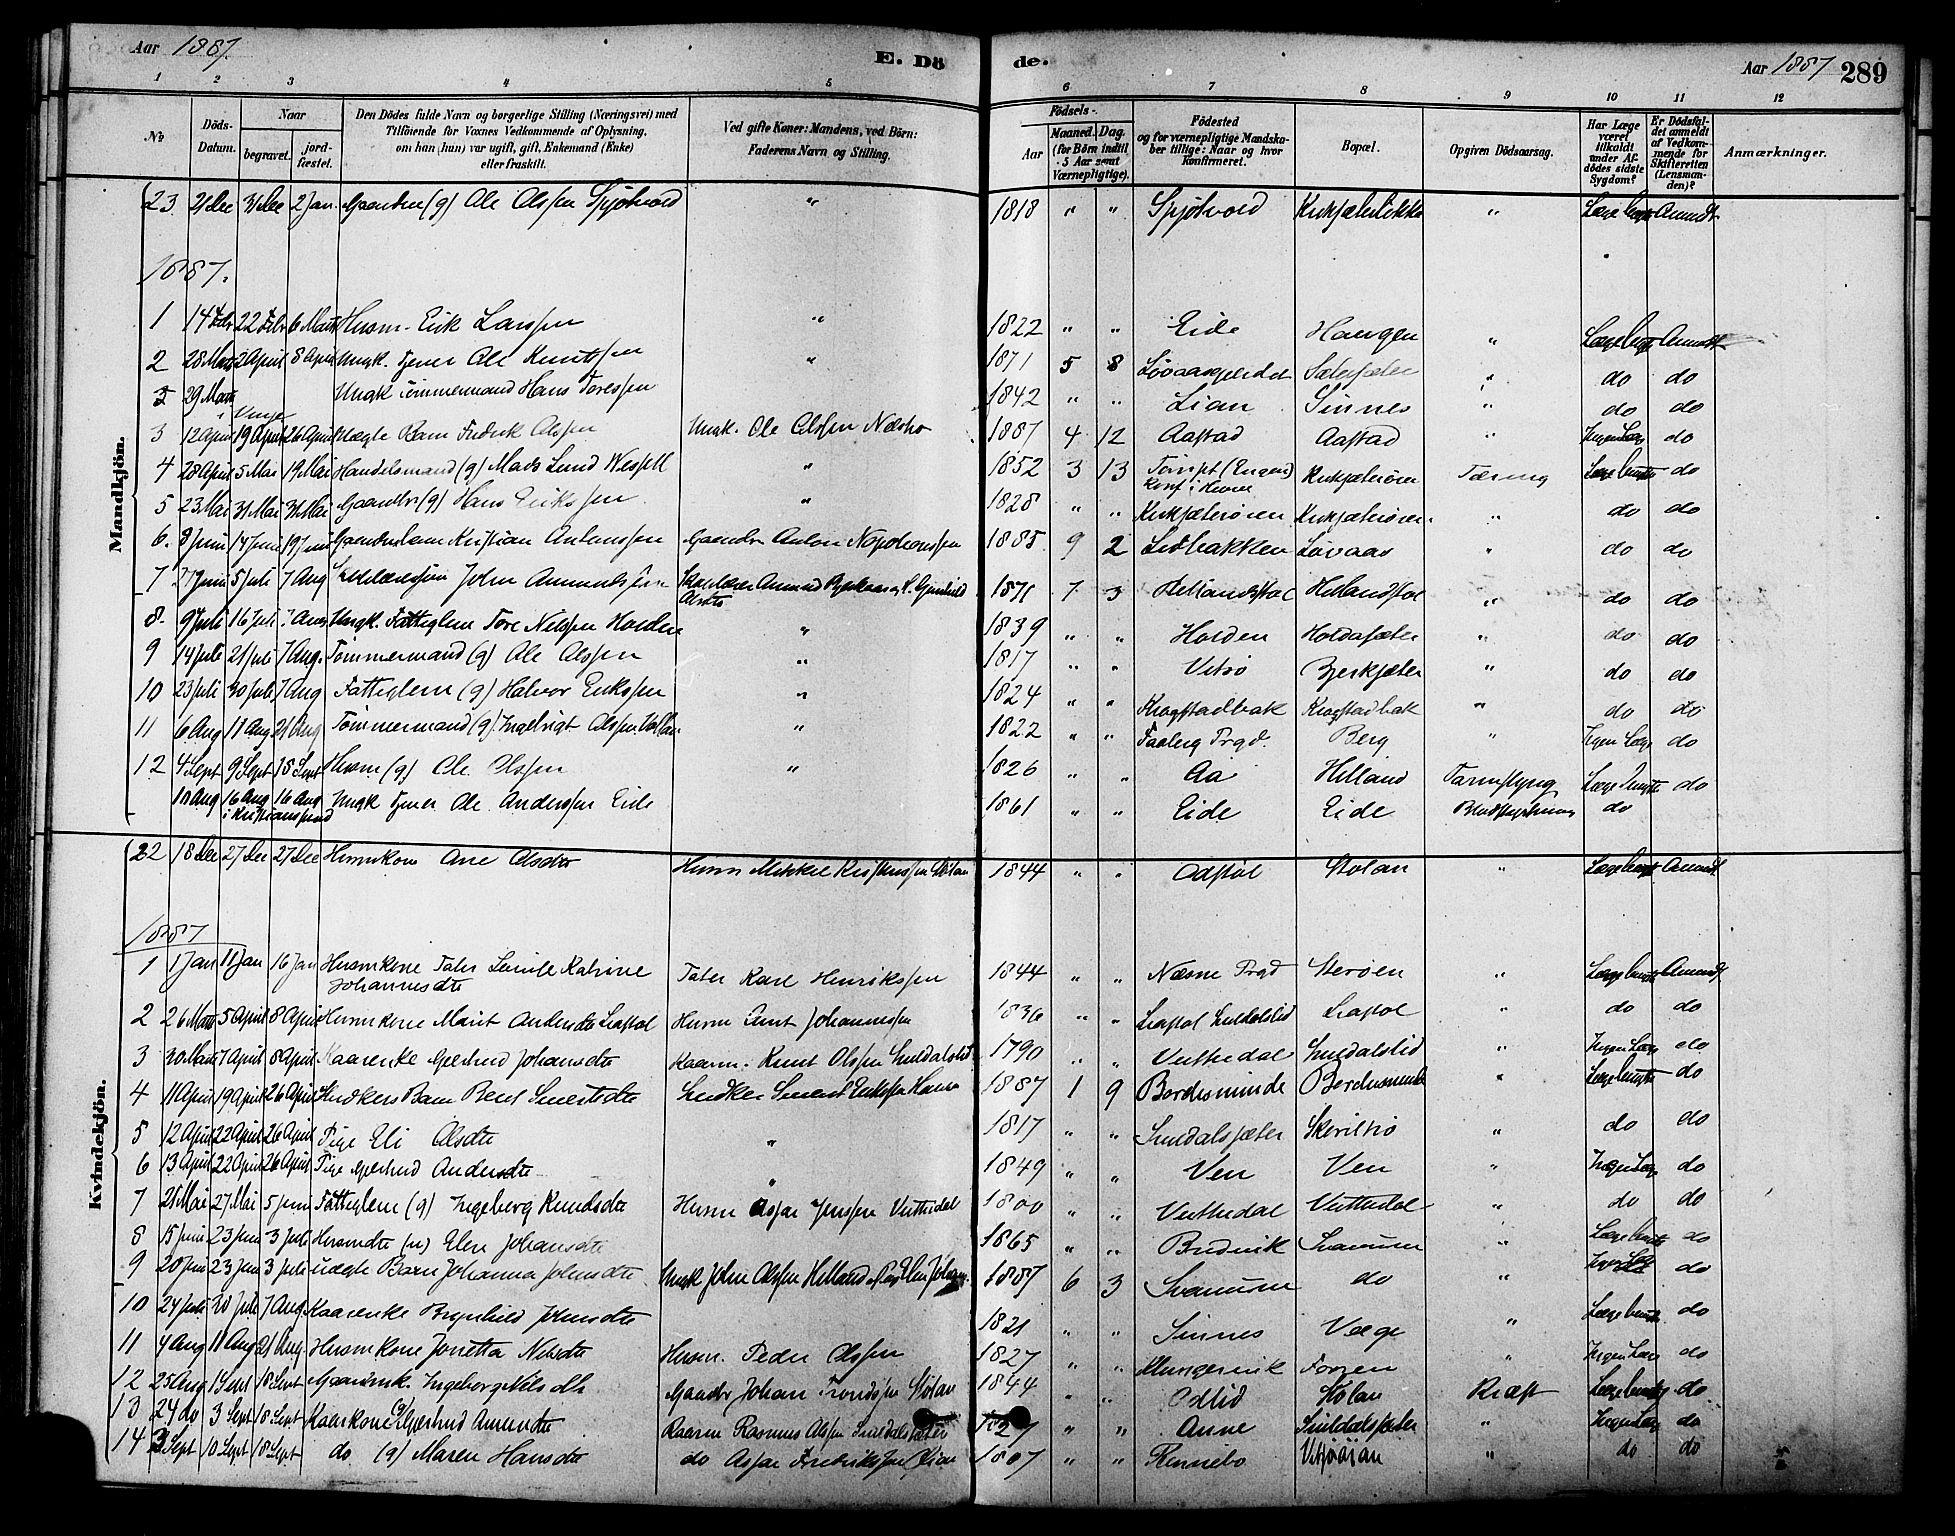 SAT, Ministerialprotokoller, klokkerbøker og fødselsregistre - Sør-Trøndelag, 630/L0496: Ministerialbok nr. 630A09, 1879-1895, s. 289